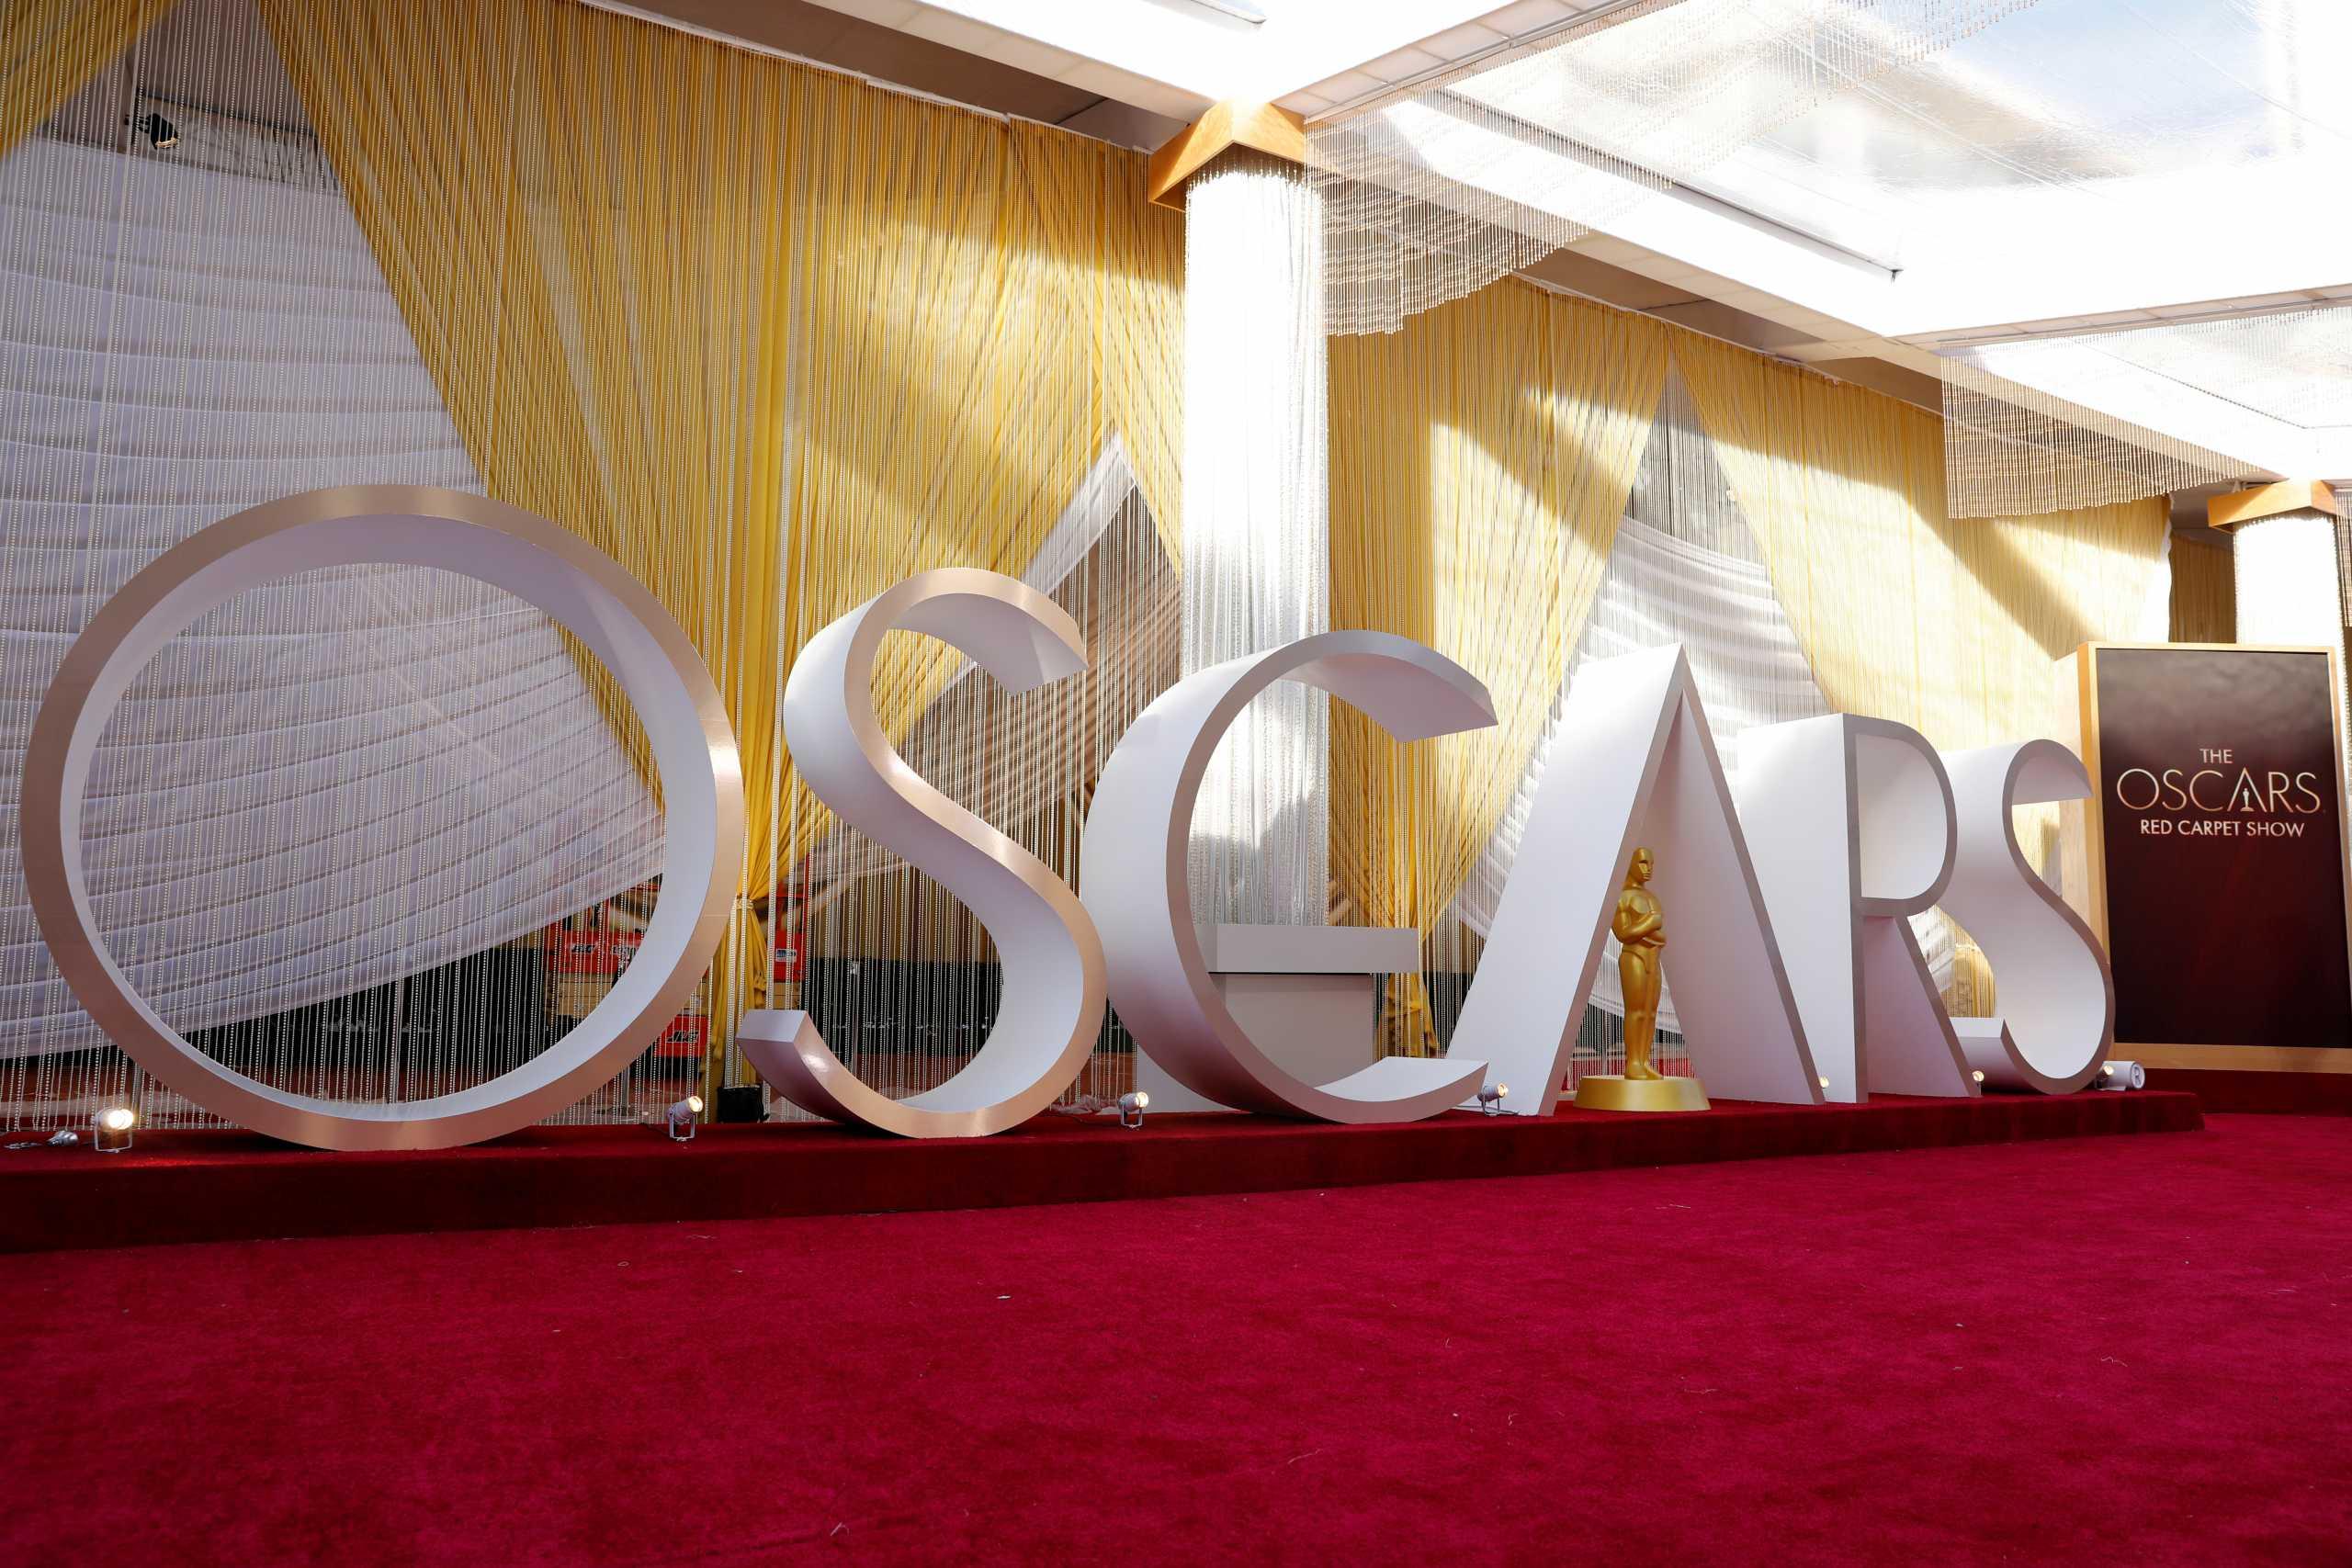 Βραβεία Όσκαρ: Οι πιο κιτς εμφανίσεις, ποια σταρ είναι η πιο κακοντυμένη ever